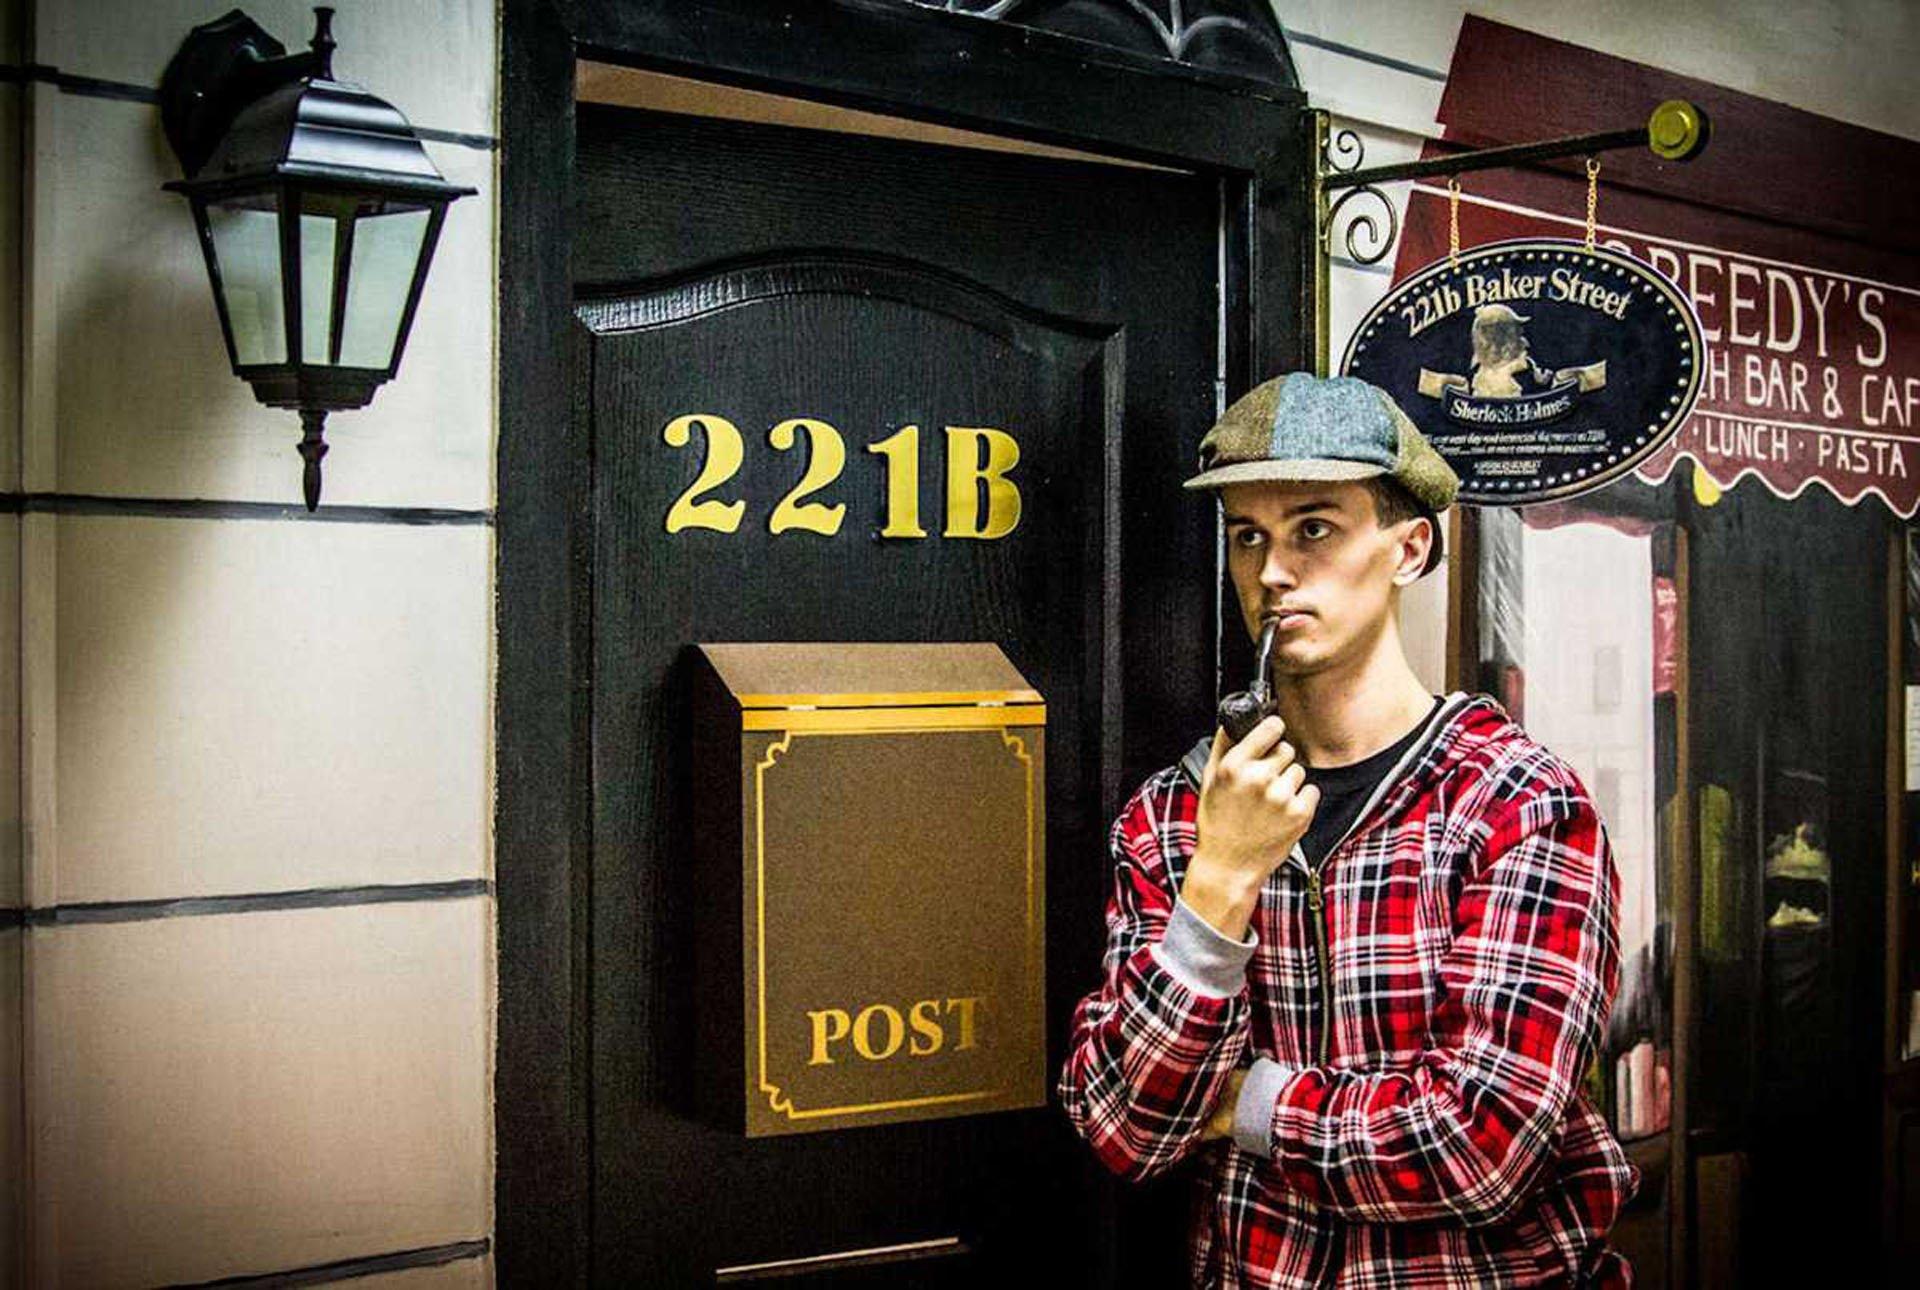 отзывы о квесте шерлок холмс фото участников как любая вещь